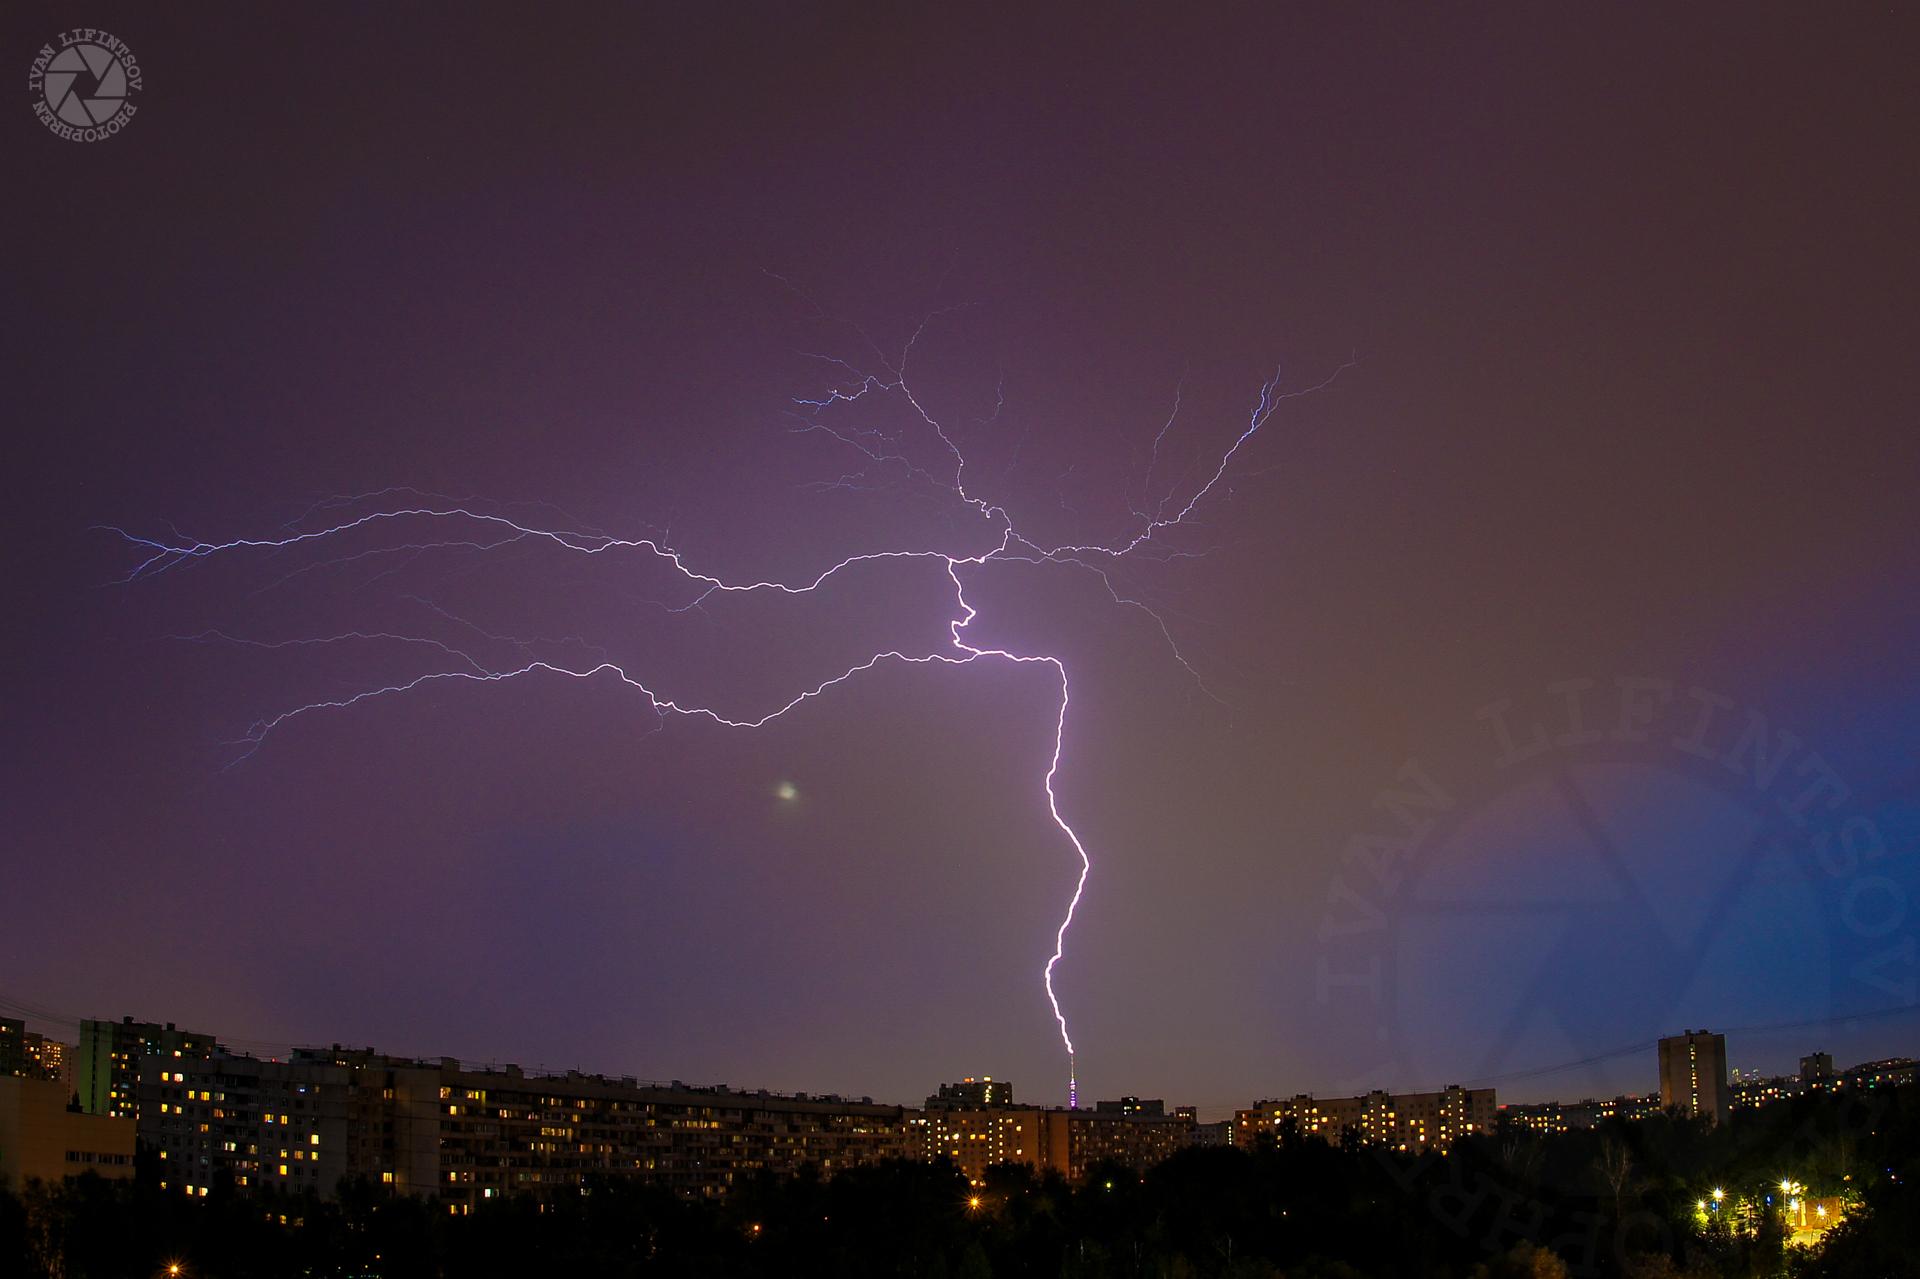 Как правильно сфотографировать молнию